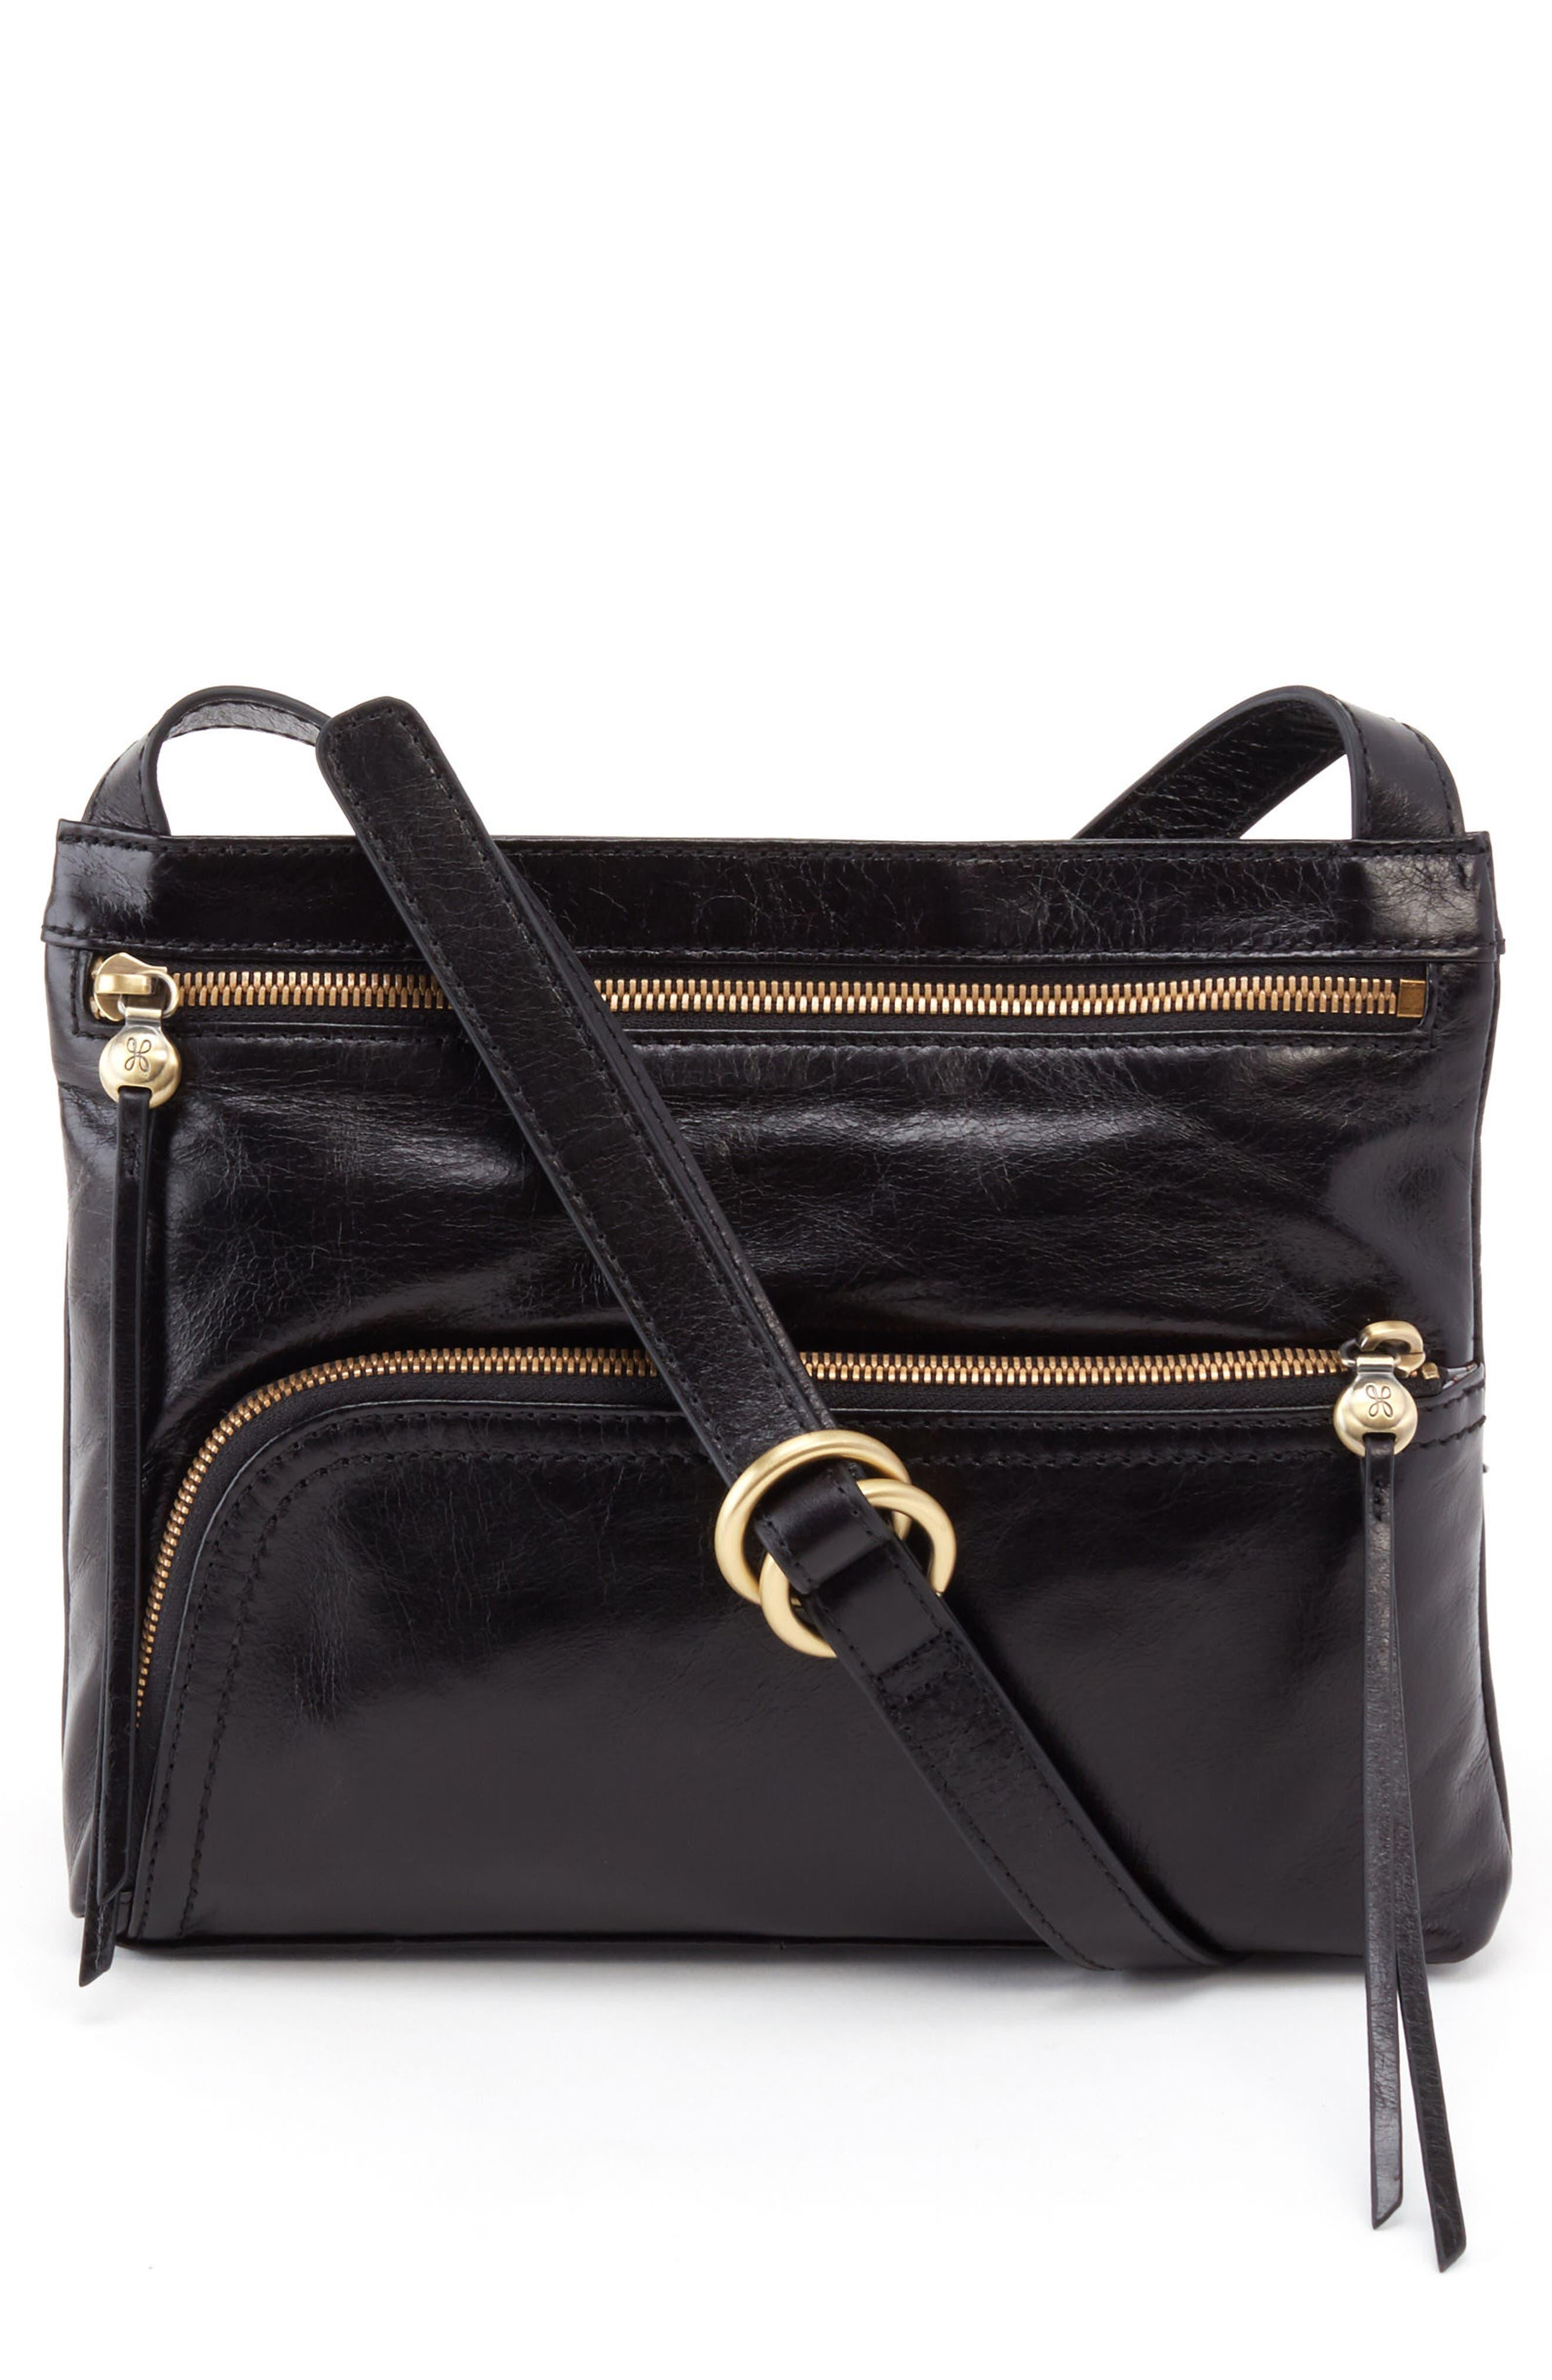 ed21c8852 Hobo Cassie Crossbody Bag - Black